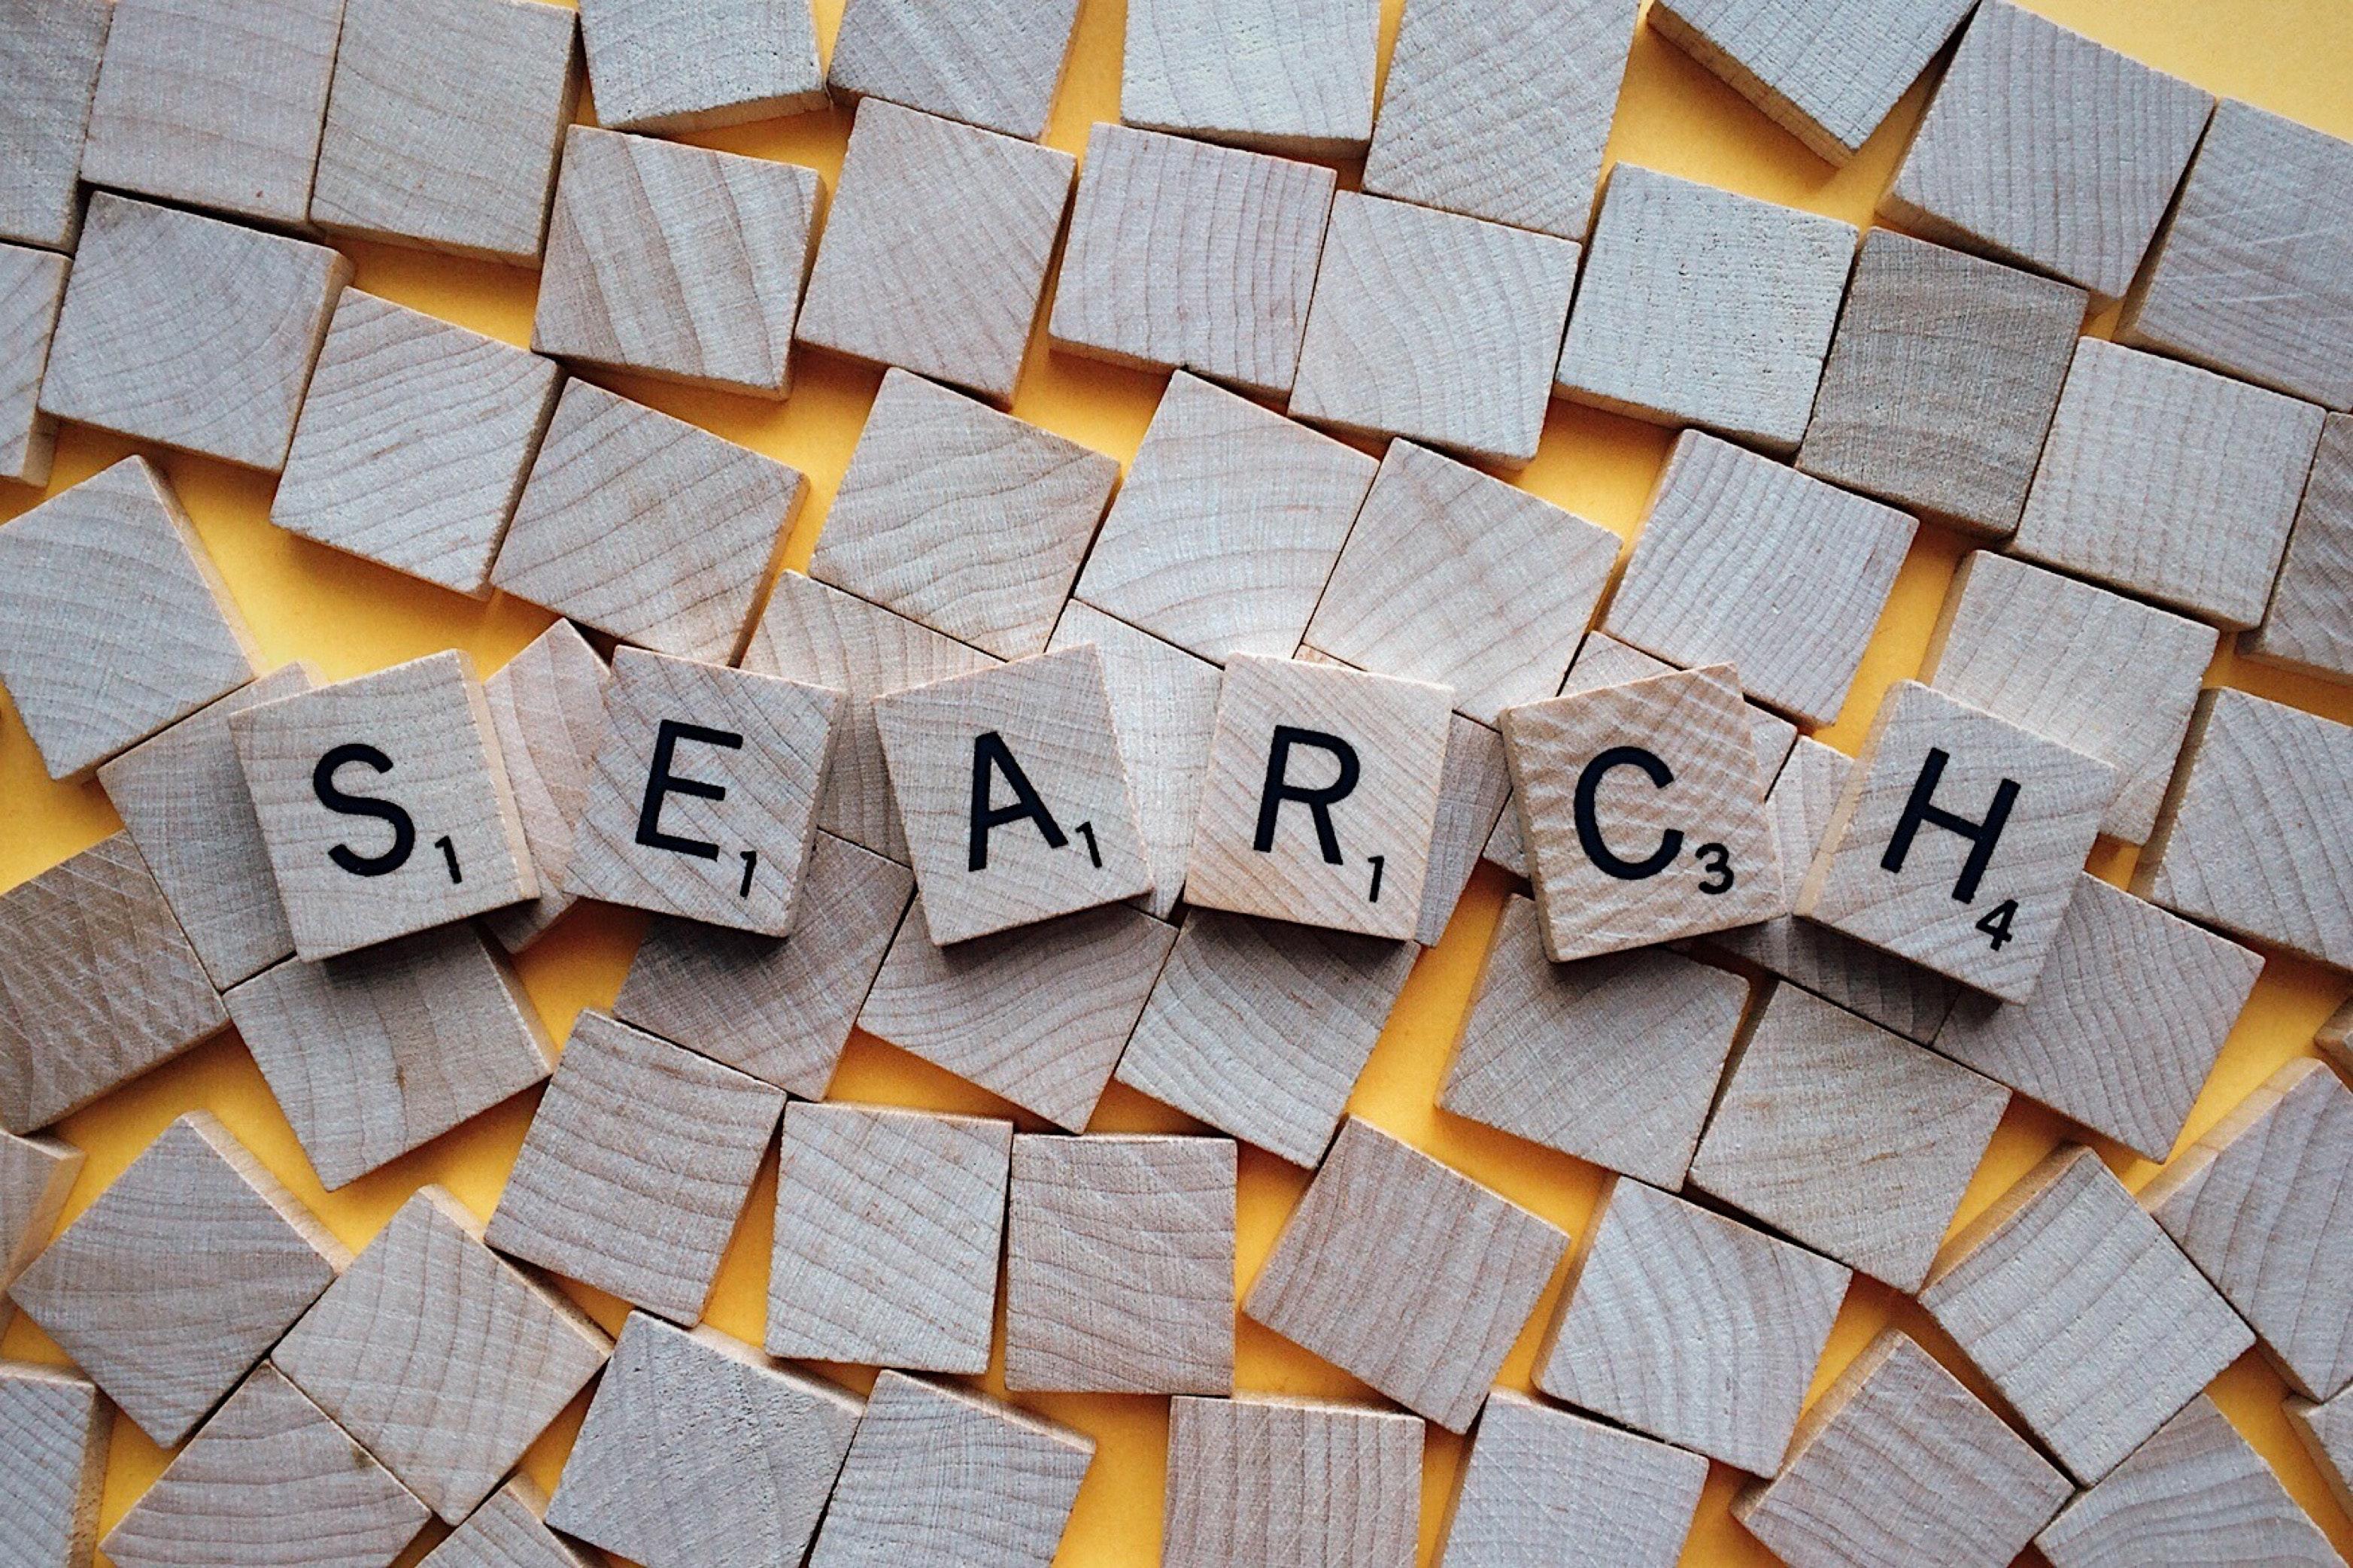 Le strategie per affrontare la sfida della ricerca vocale